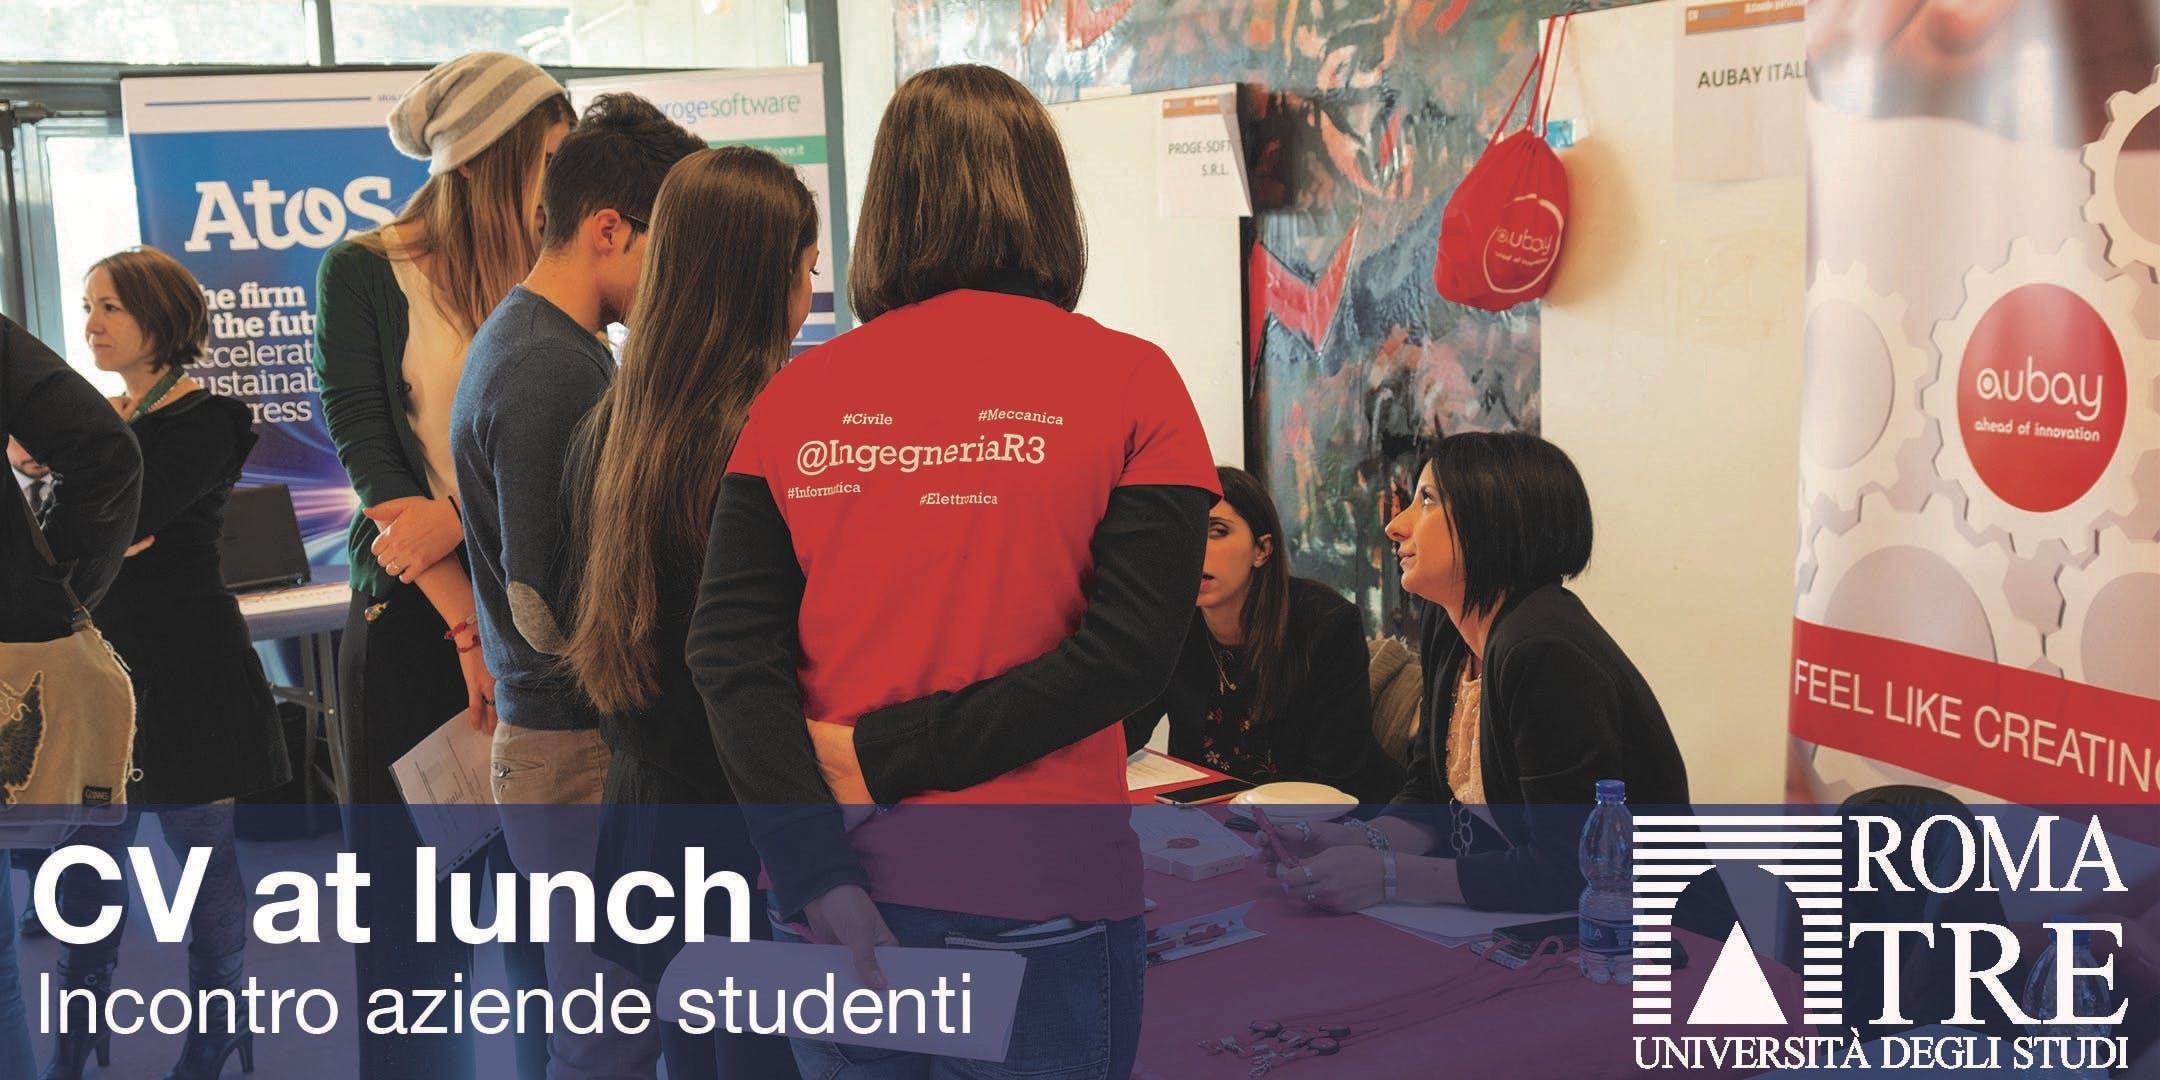 CV at lunch - incontro aziende studenti